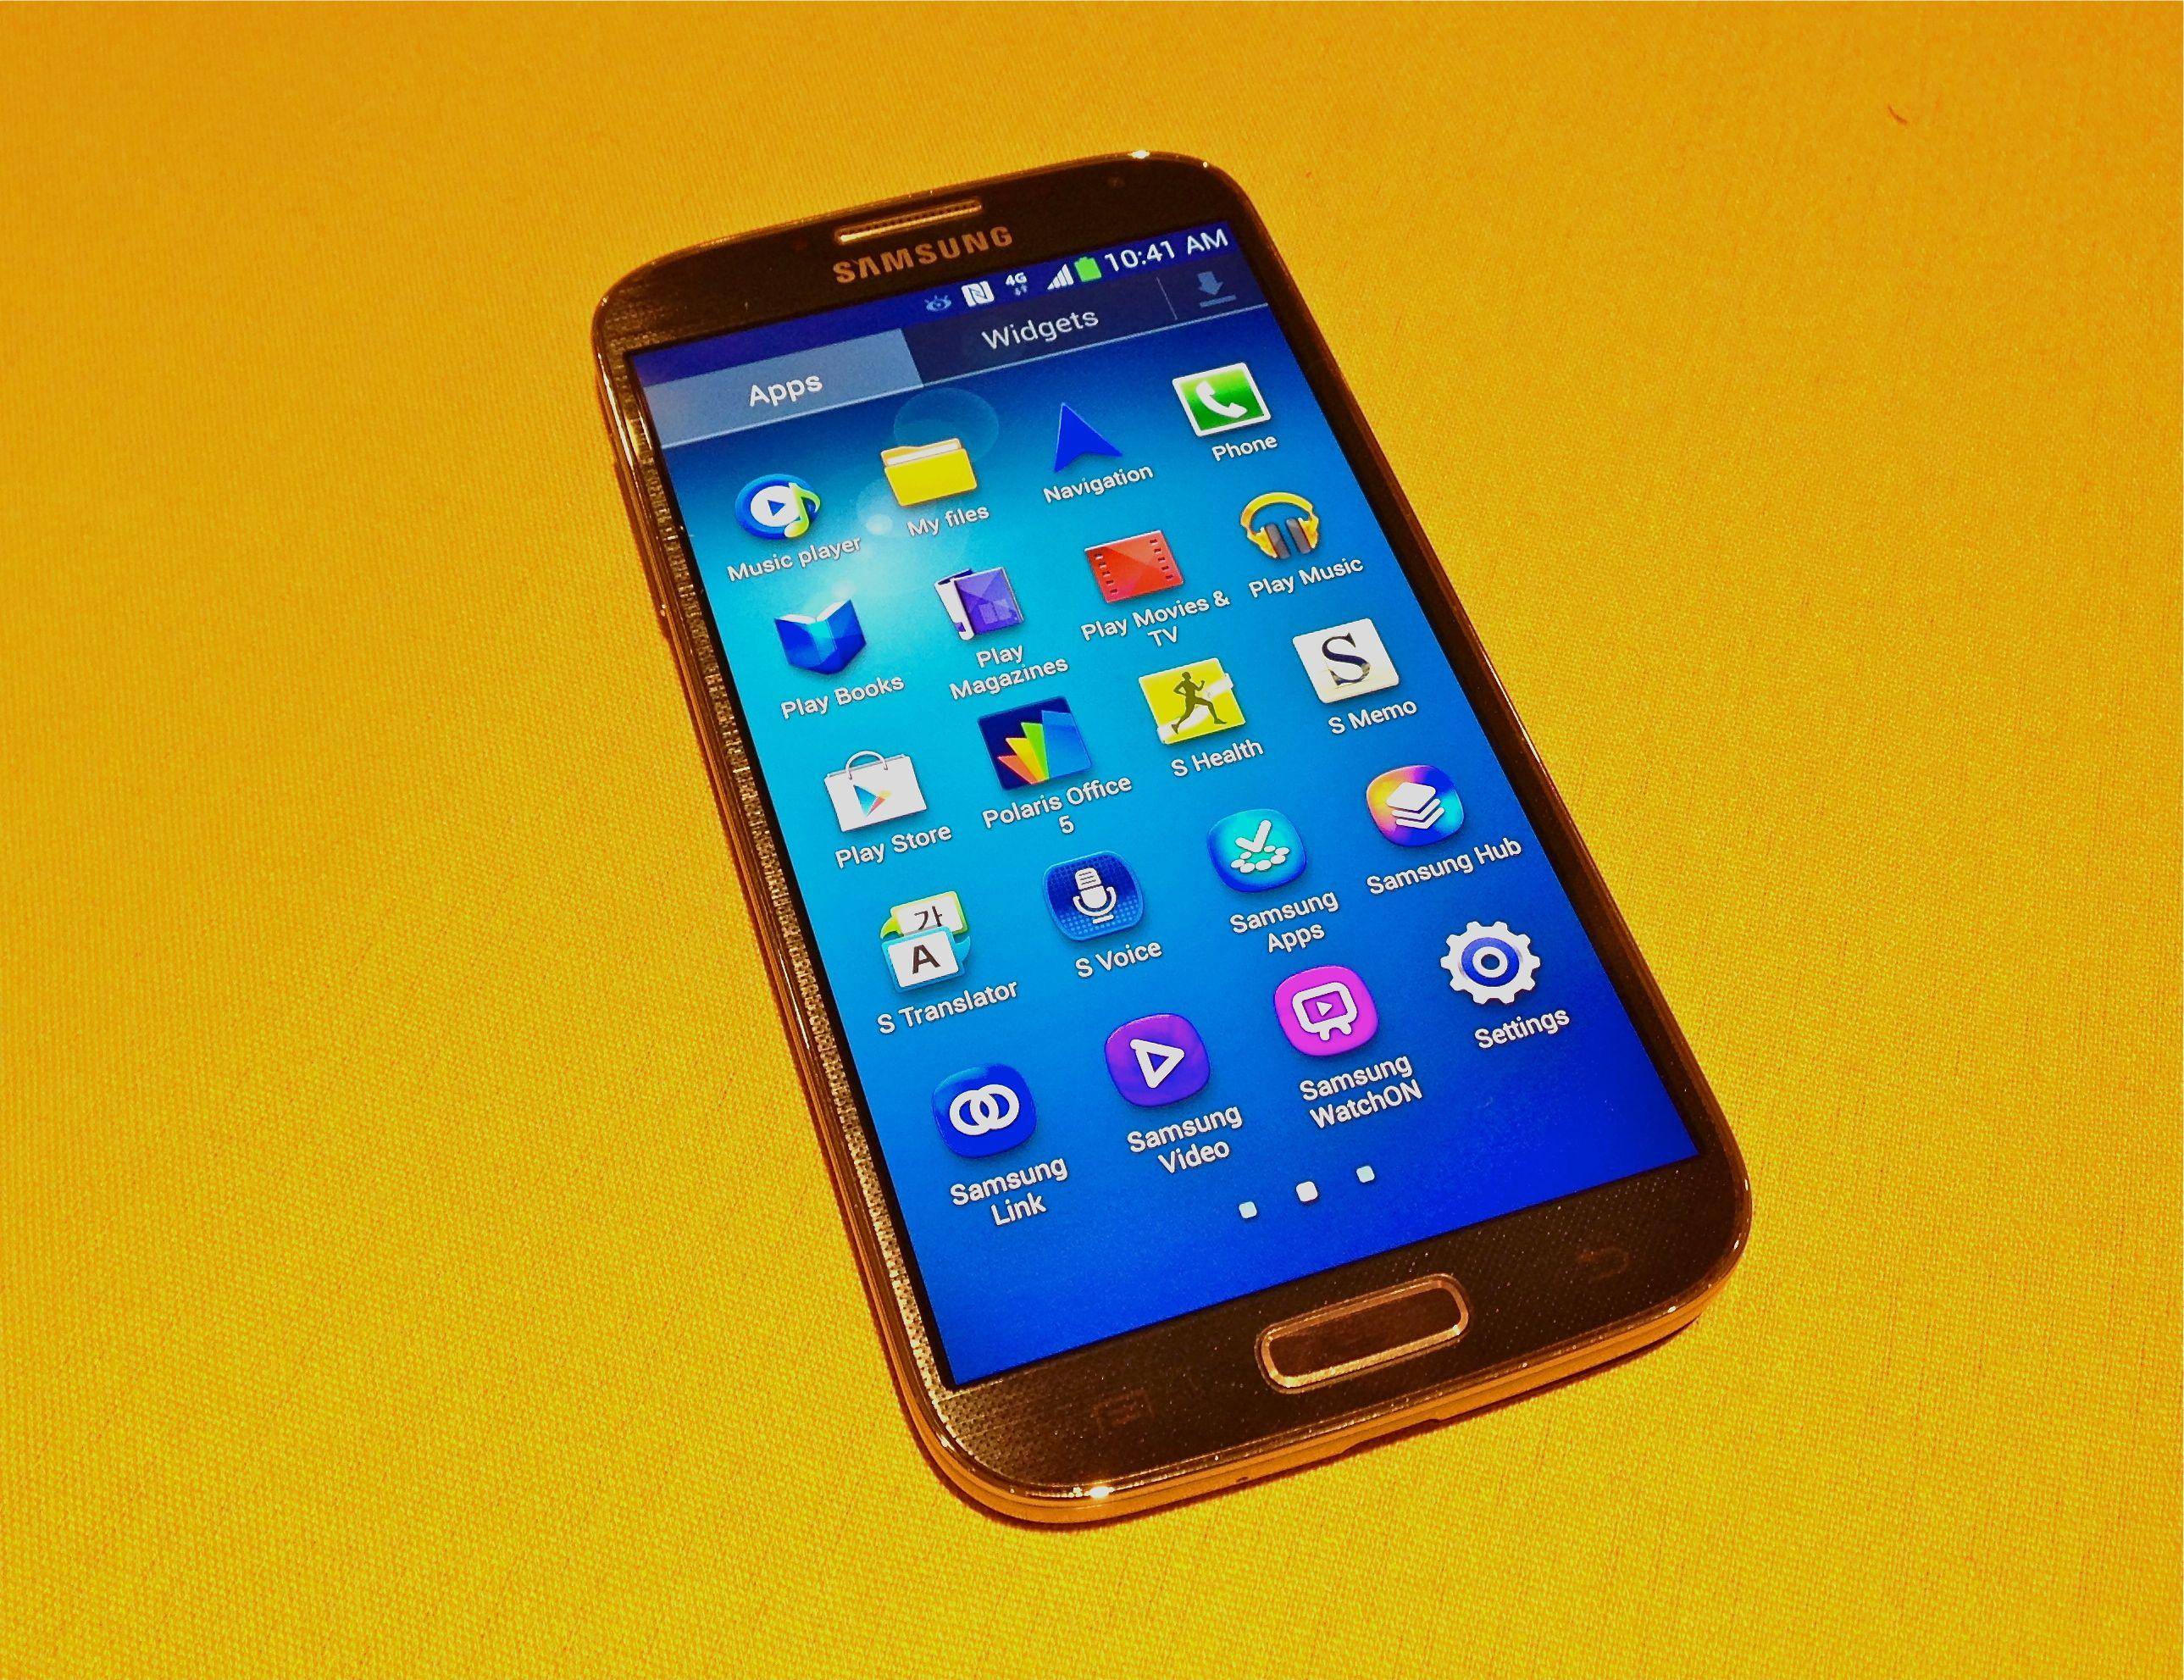 Samsung Galaxy S4 Photos & wallpaper